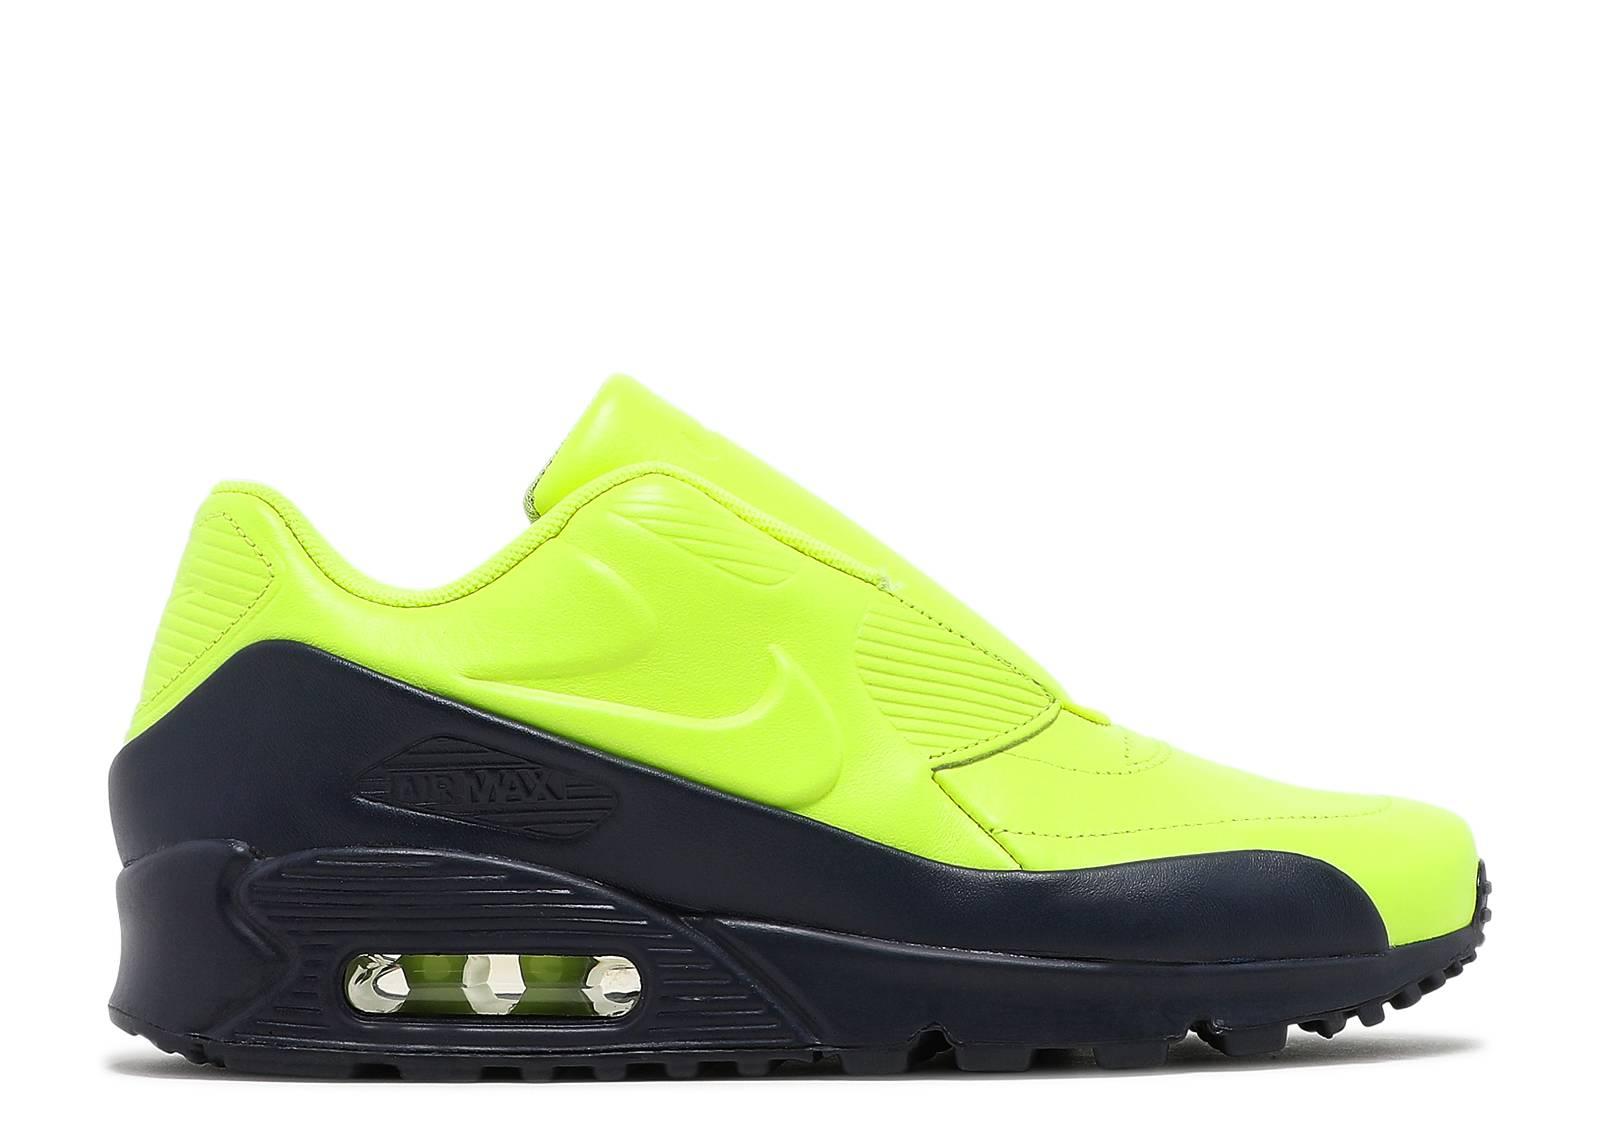 Nike Ws Air Max 90 Sp/Sacai Sacai Shoes Gold